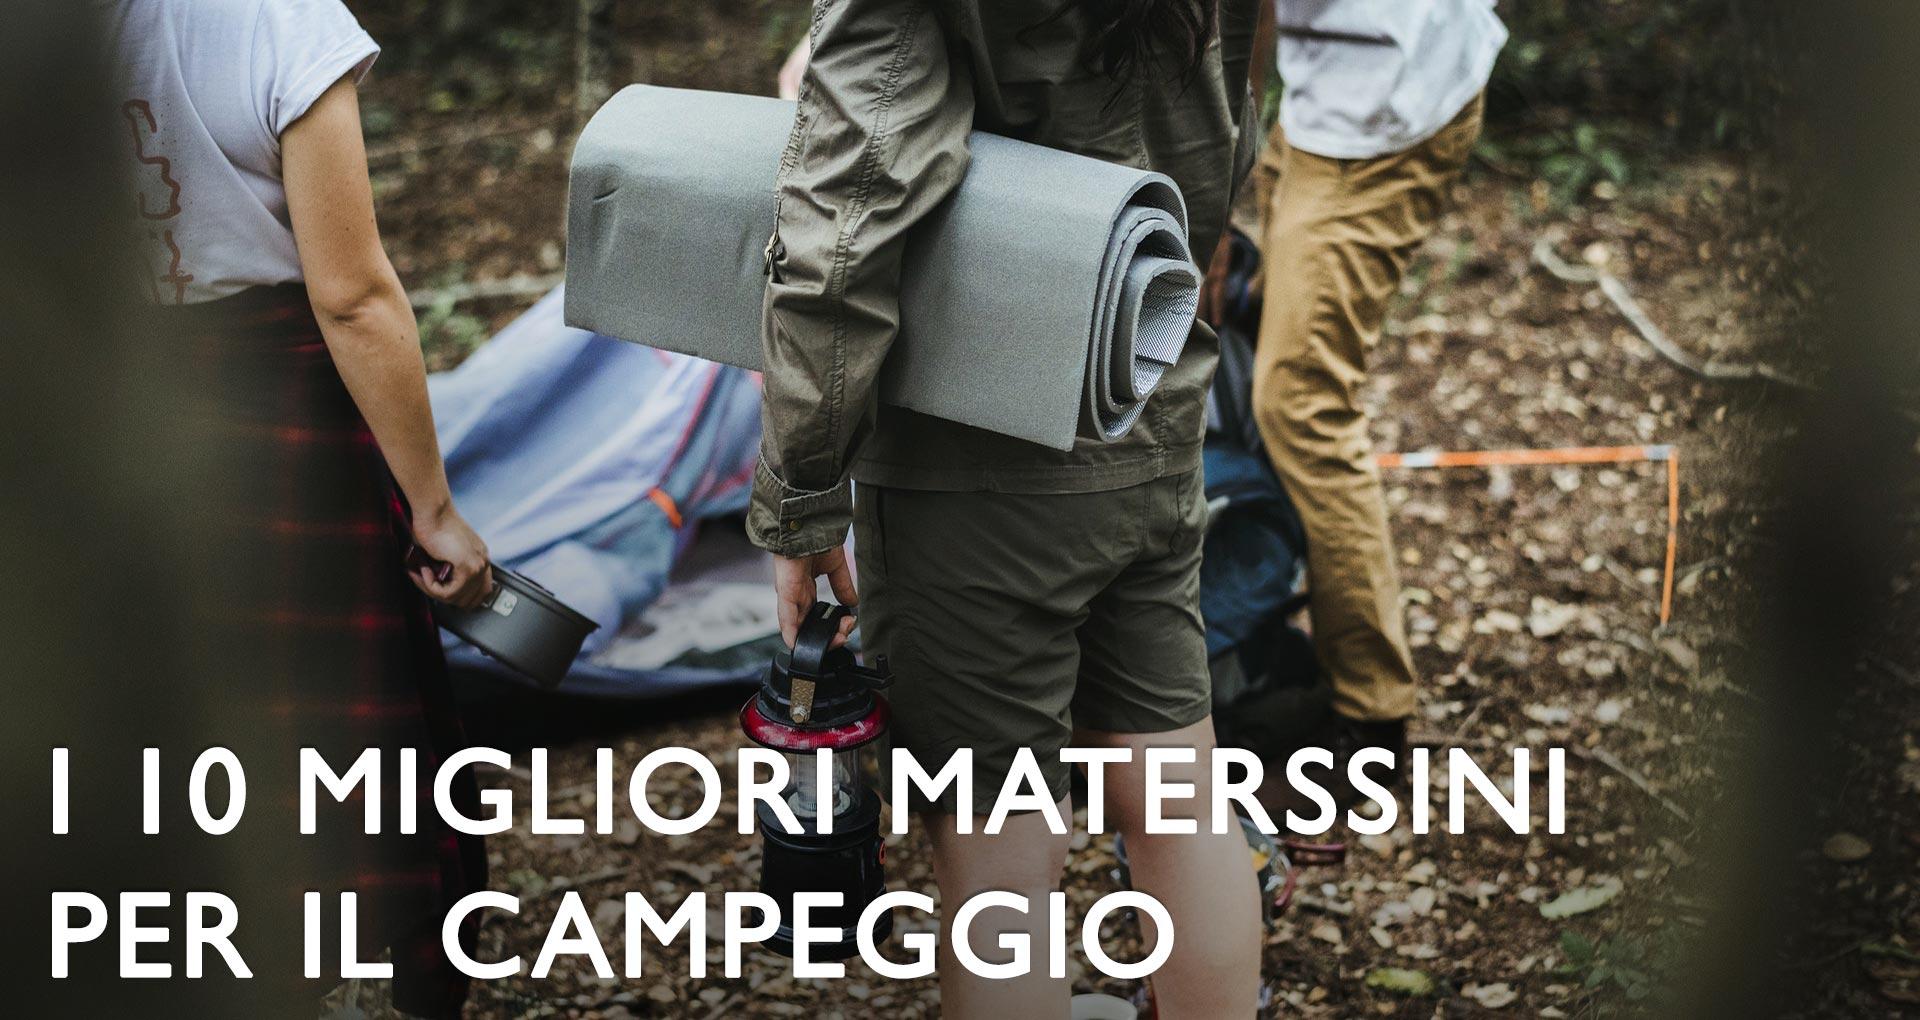 Gonfiare Materassino Campeggio.I 10 Migliori Materassini Per Il Campeggio Much More Than